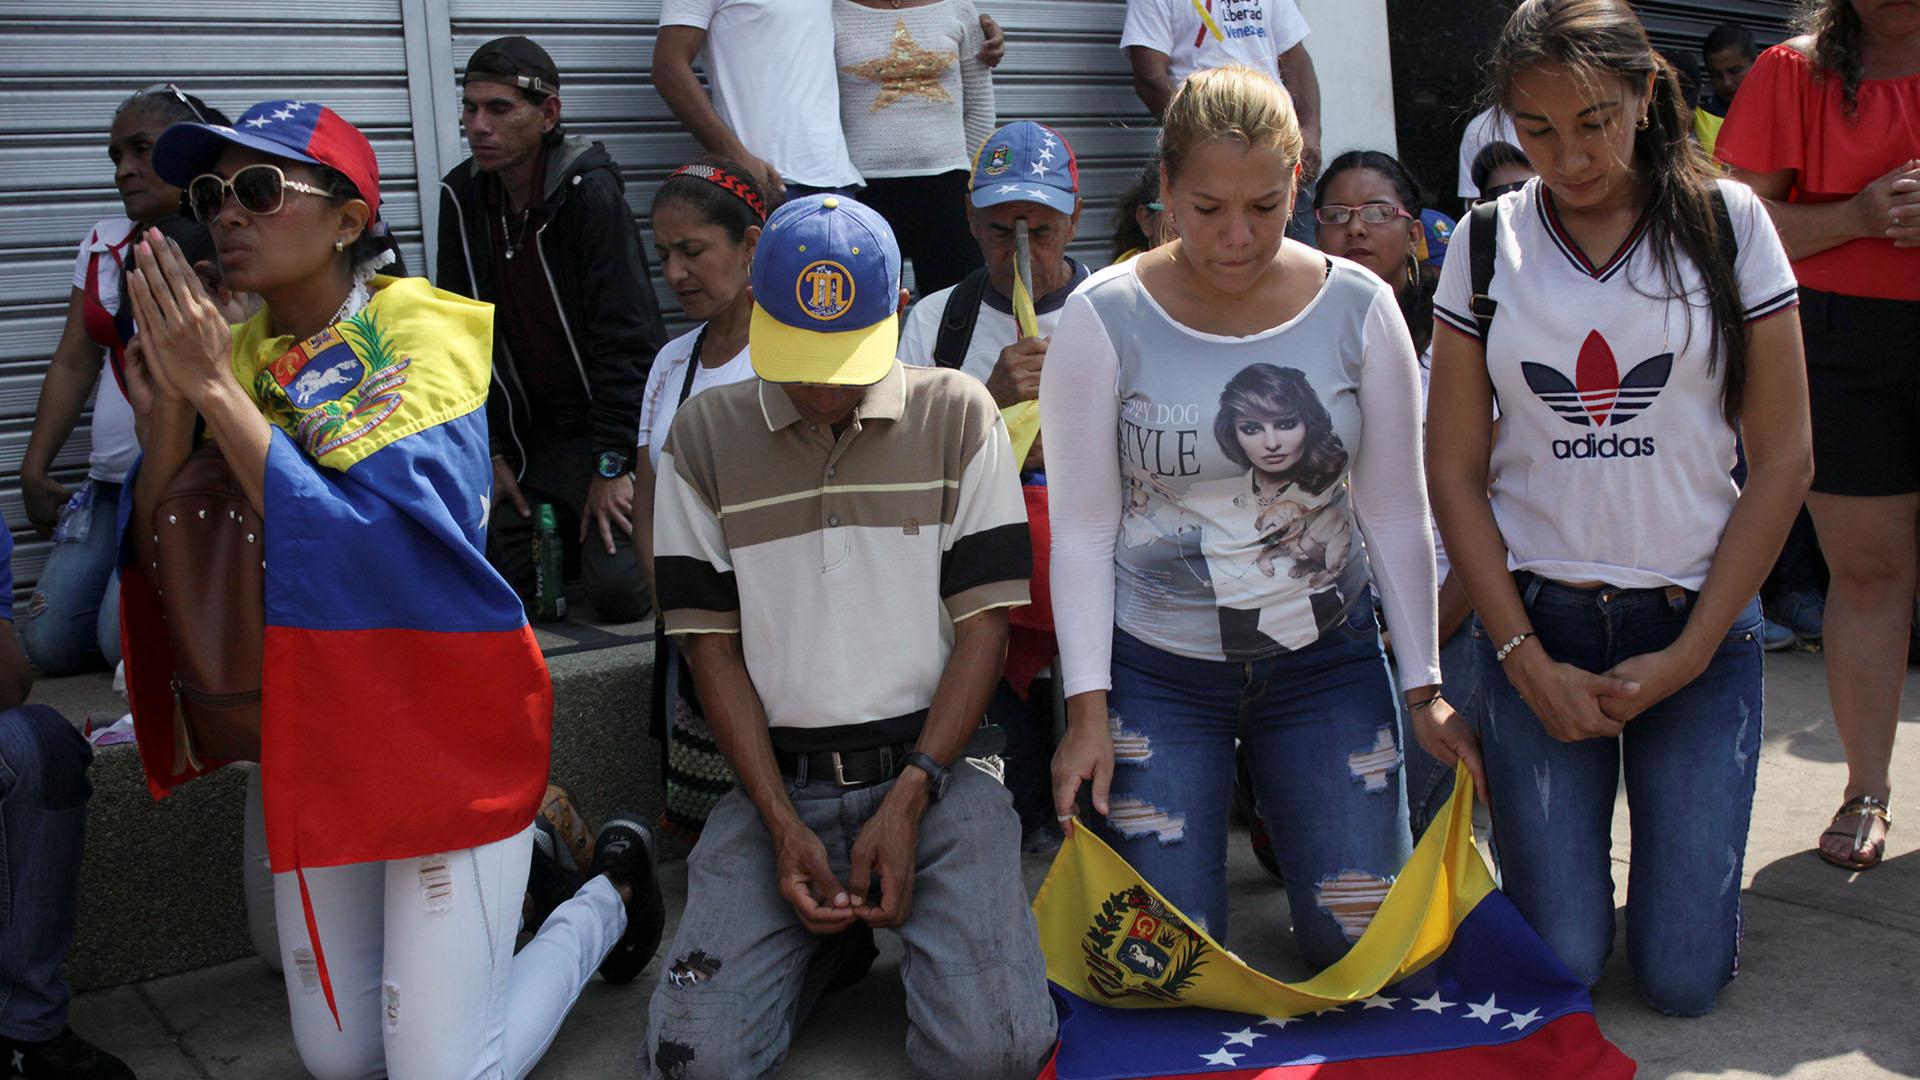 Los partidarios del líder opositor venezolano Juan Guaidó, que muchas naciones han reconocido como el legítimo gobernante interino del país, participan en un mitin para exigir al presidente Nicolás Maduro que permita que la ayuda humanitaria ingrese al país en San Antonio del Táchira, Venezuela (Reuters)